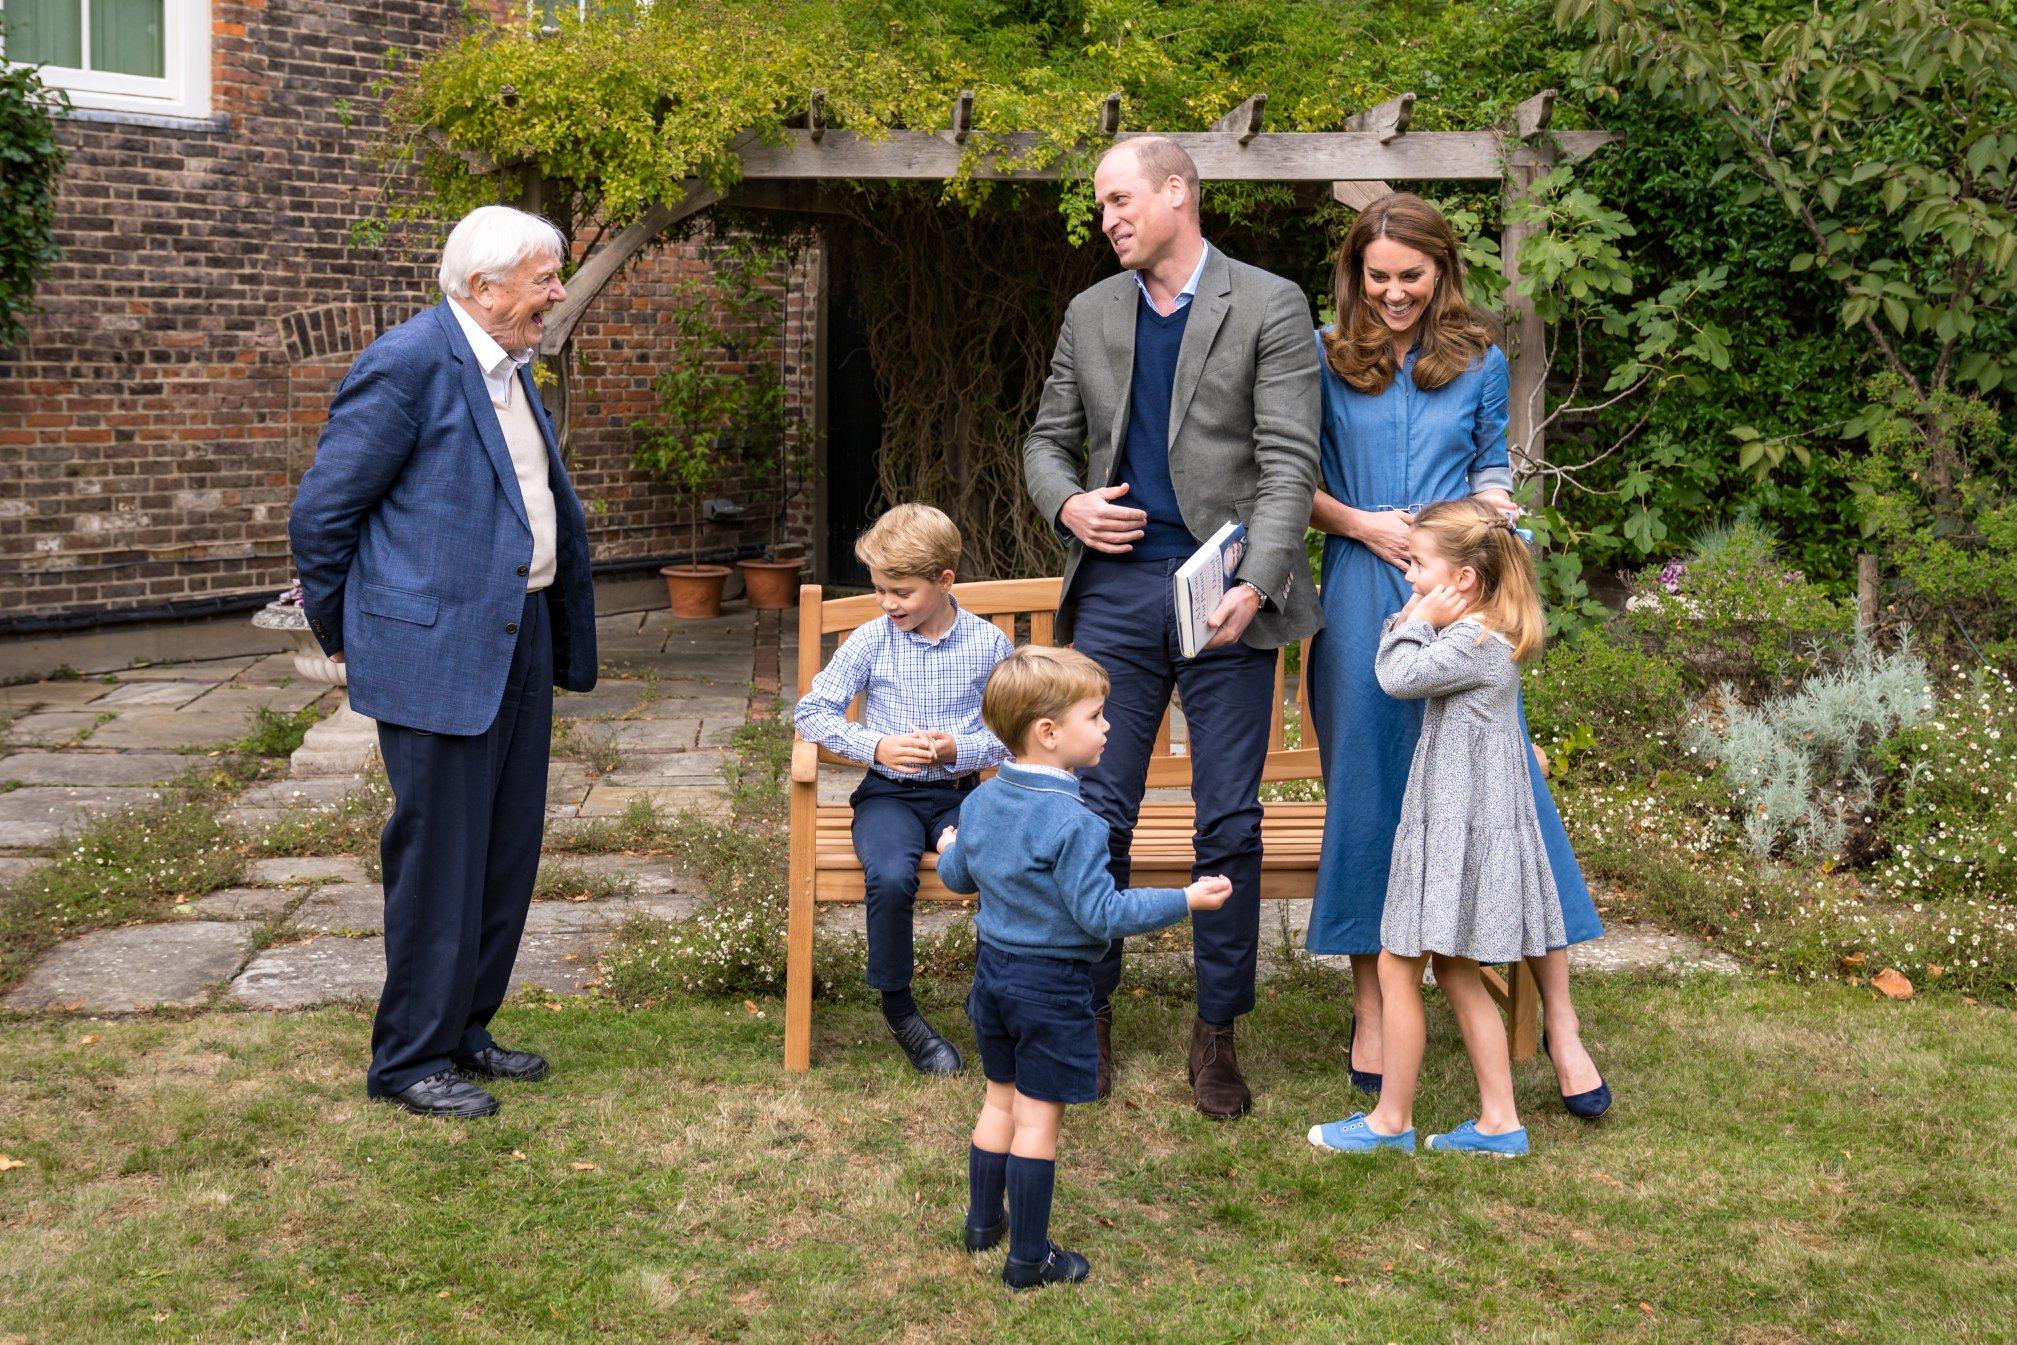 (圖右)威廉王子與老婆凱特公爵夫人及三位子女